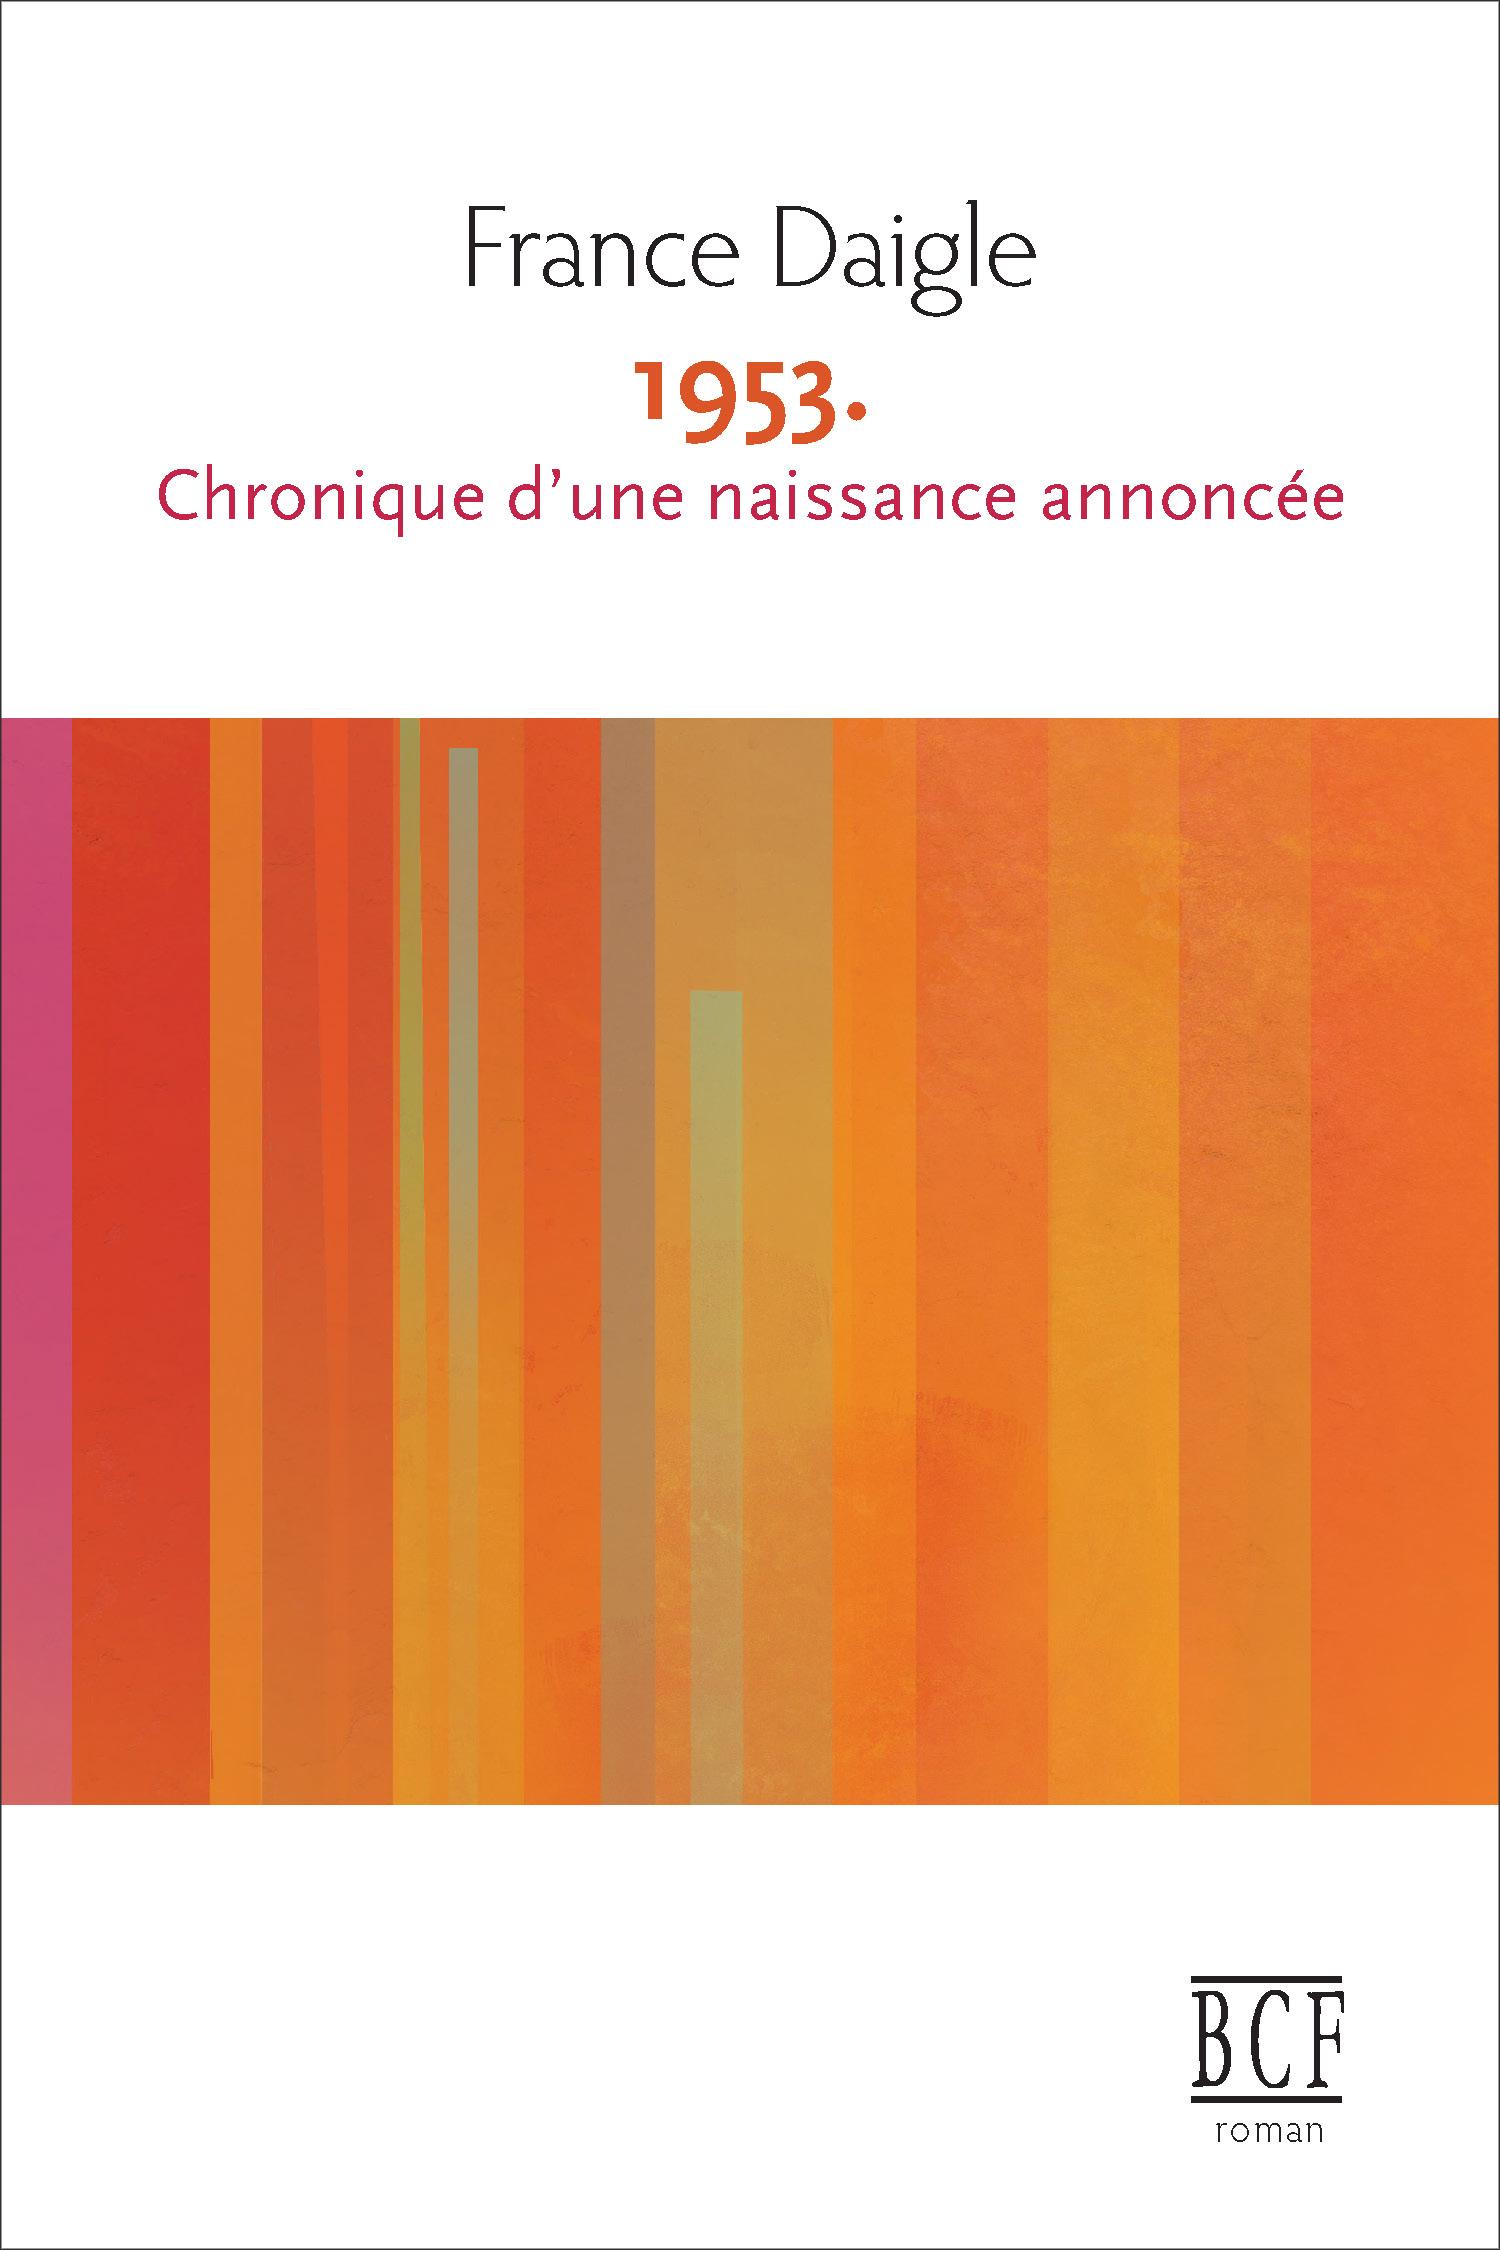 1953 CHRONIQUE D